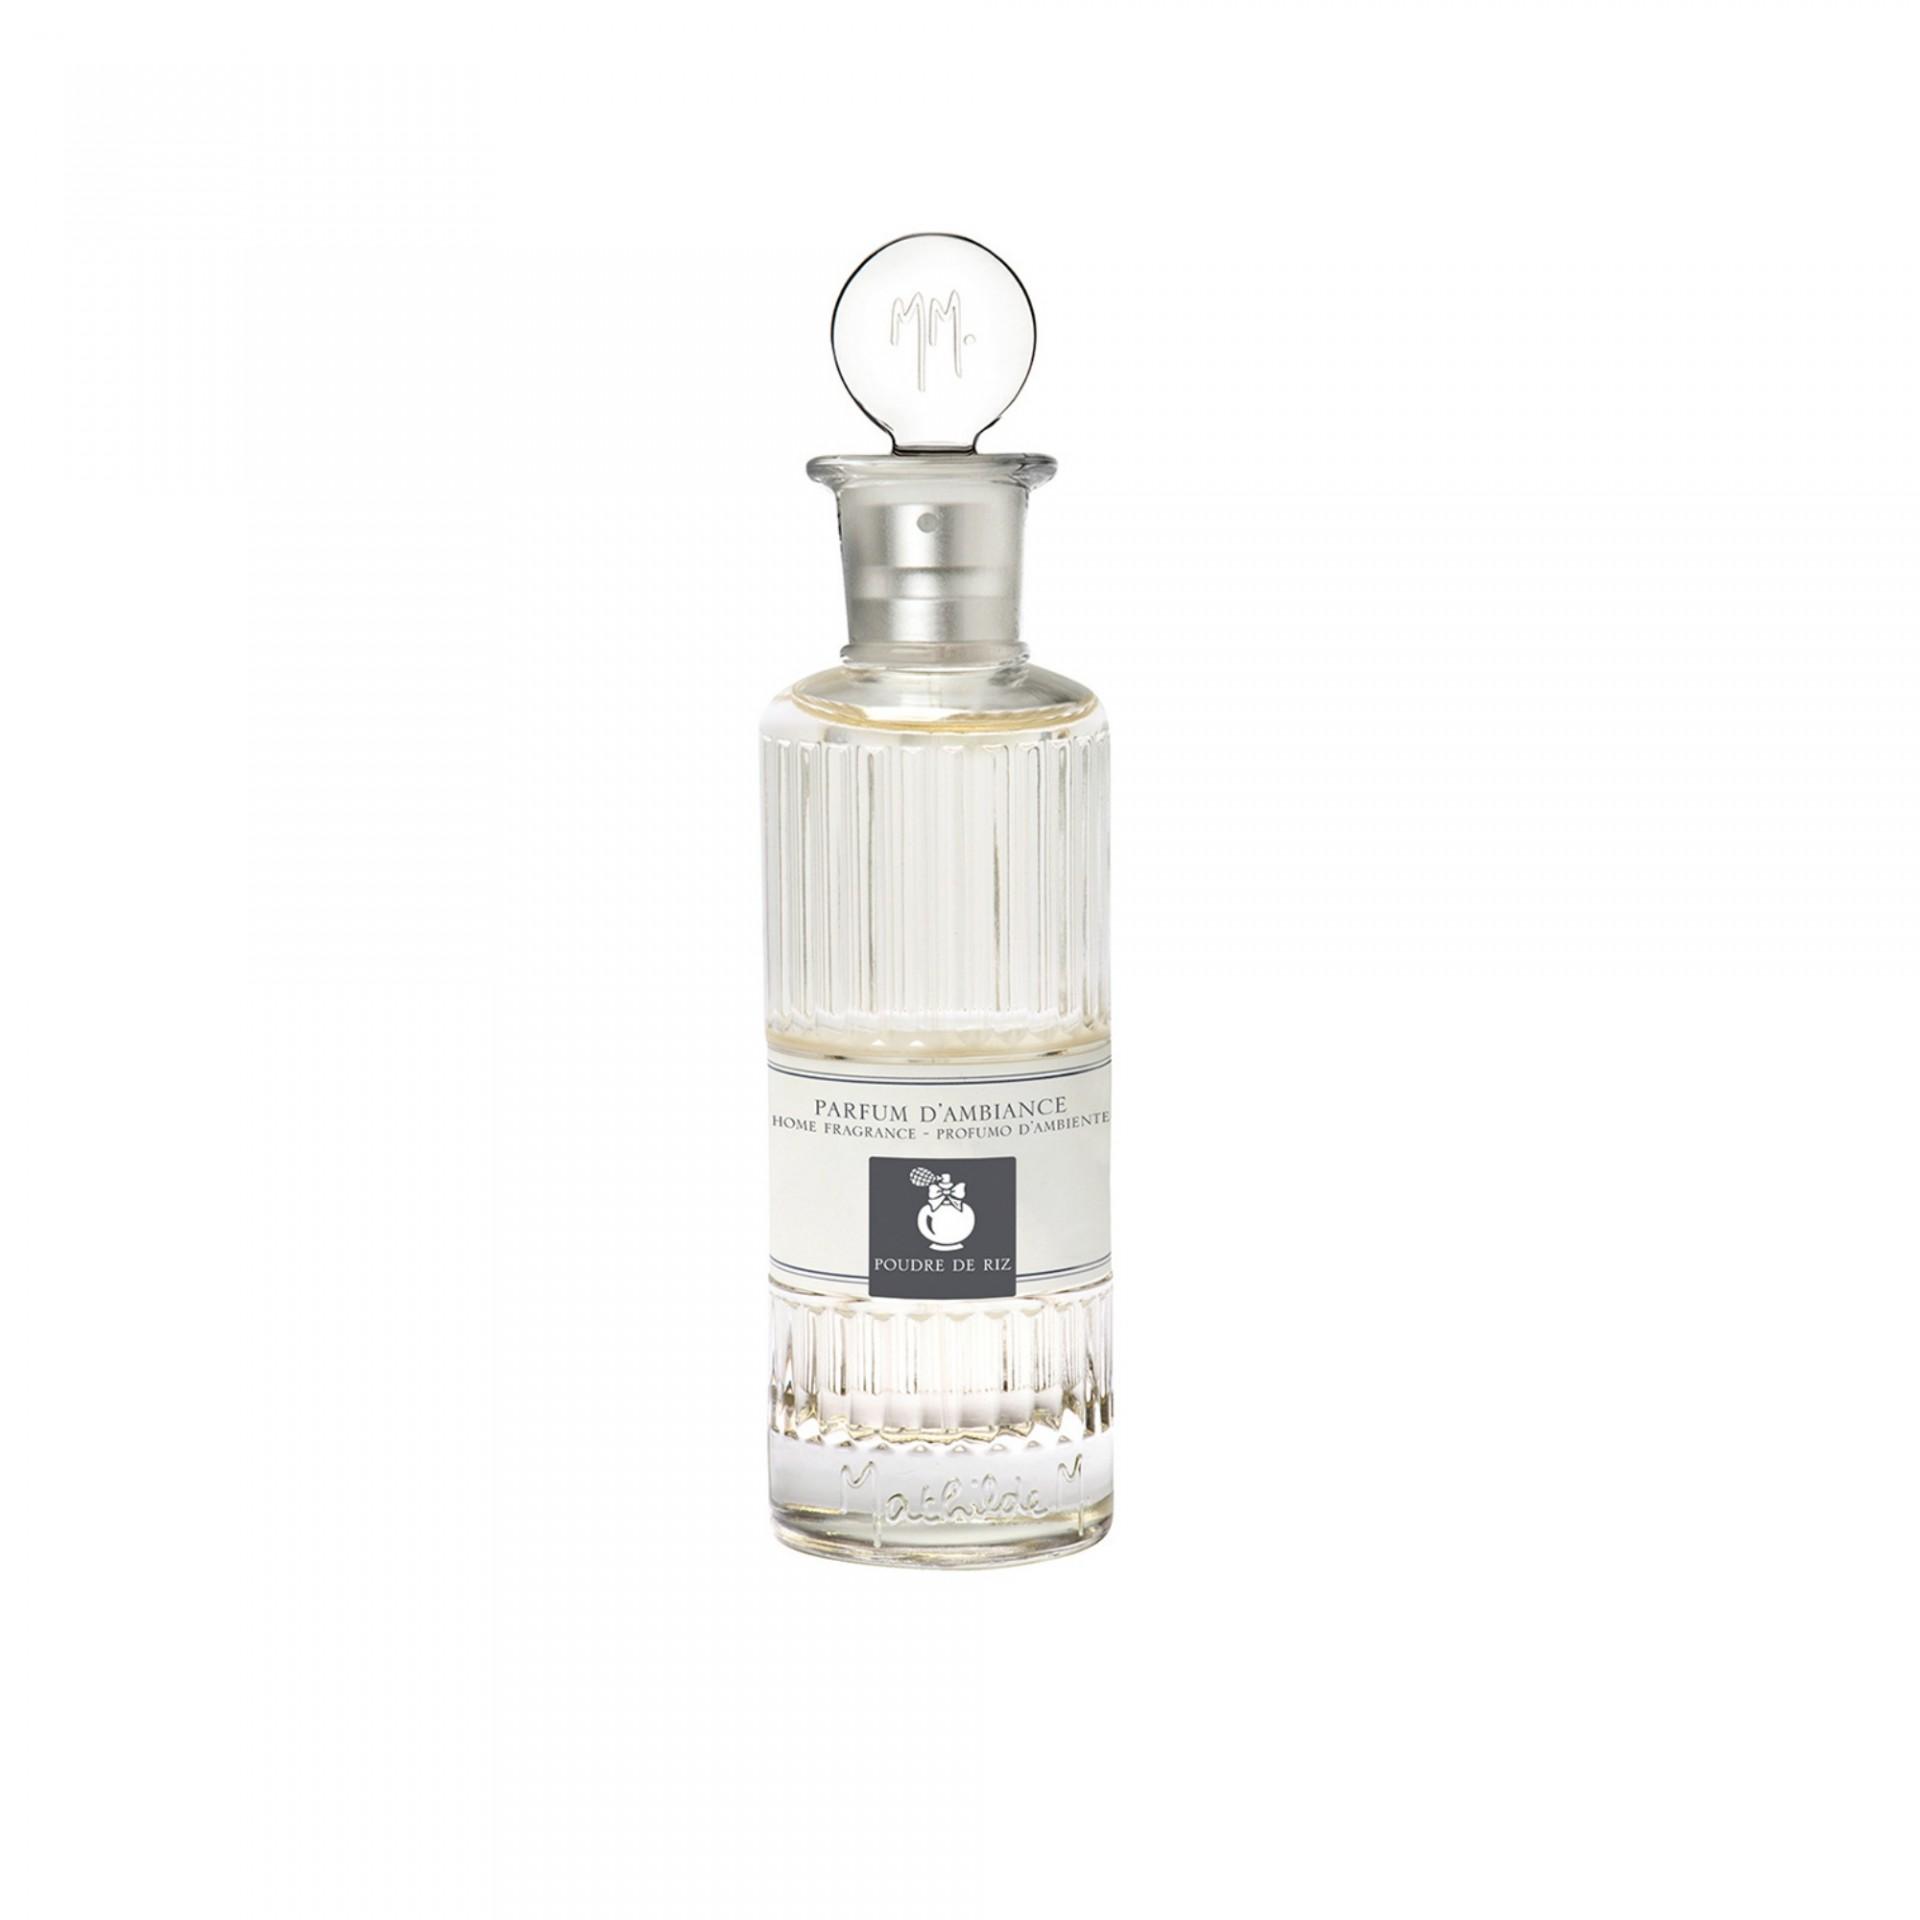 Perfume de ambiente